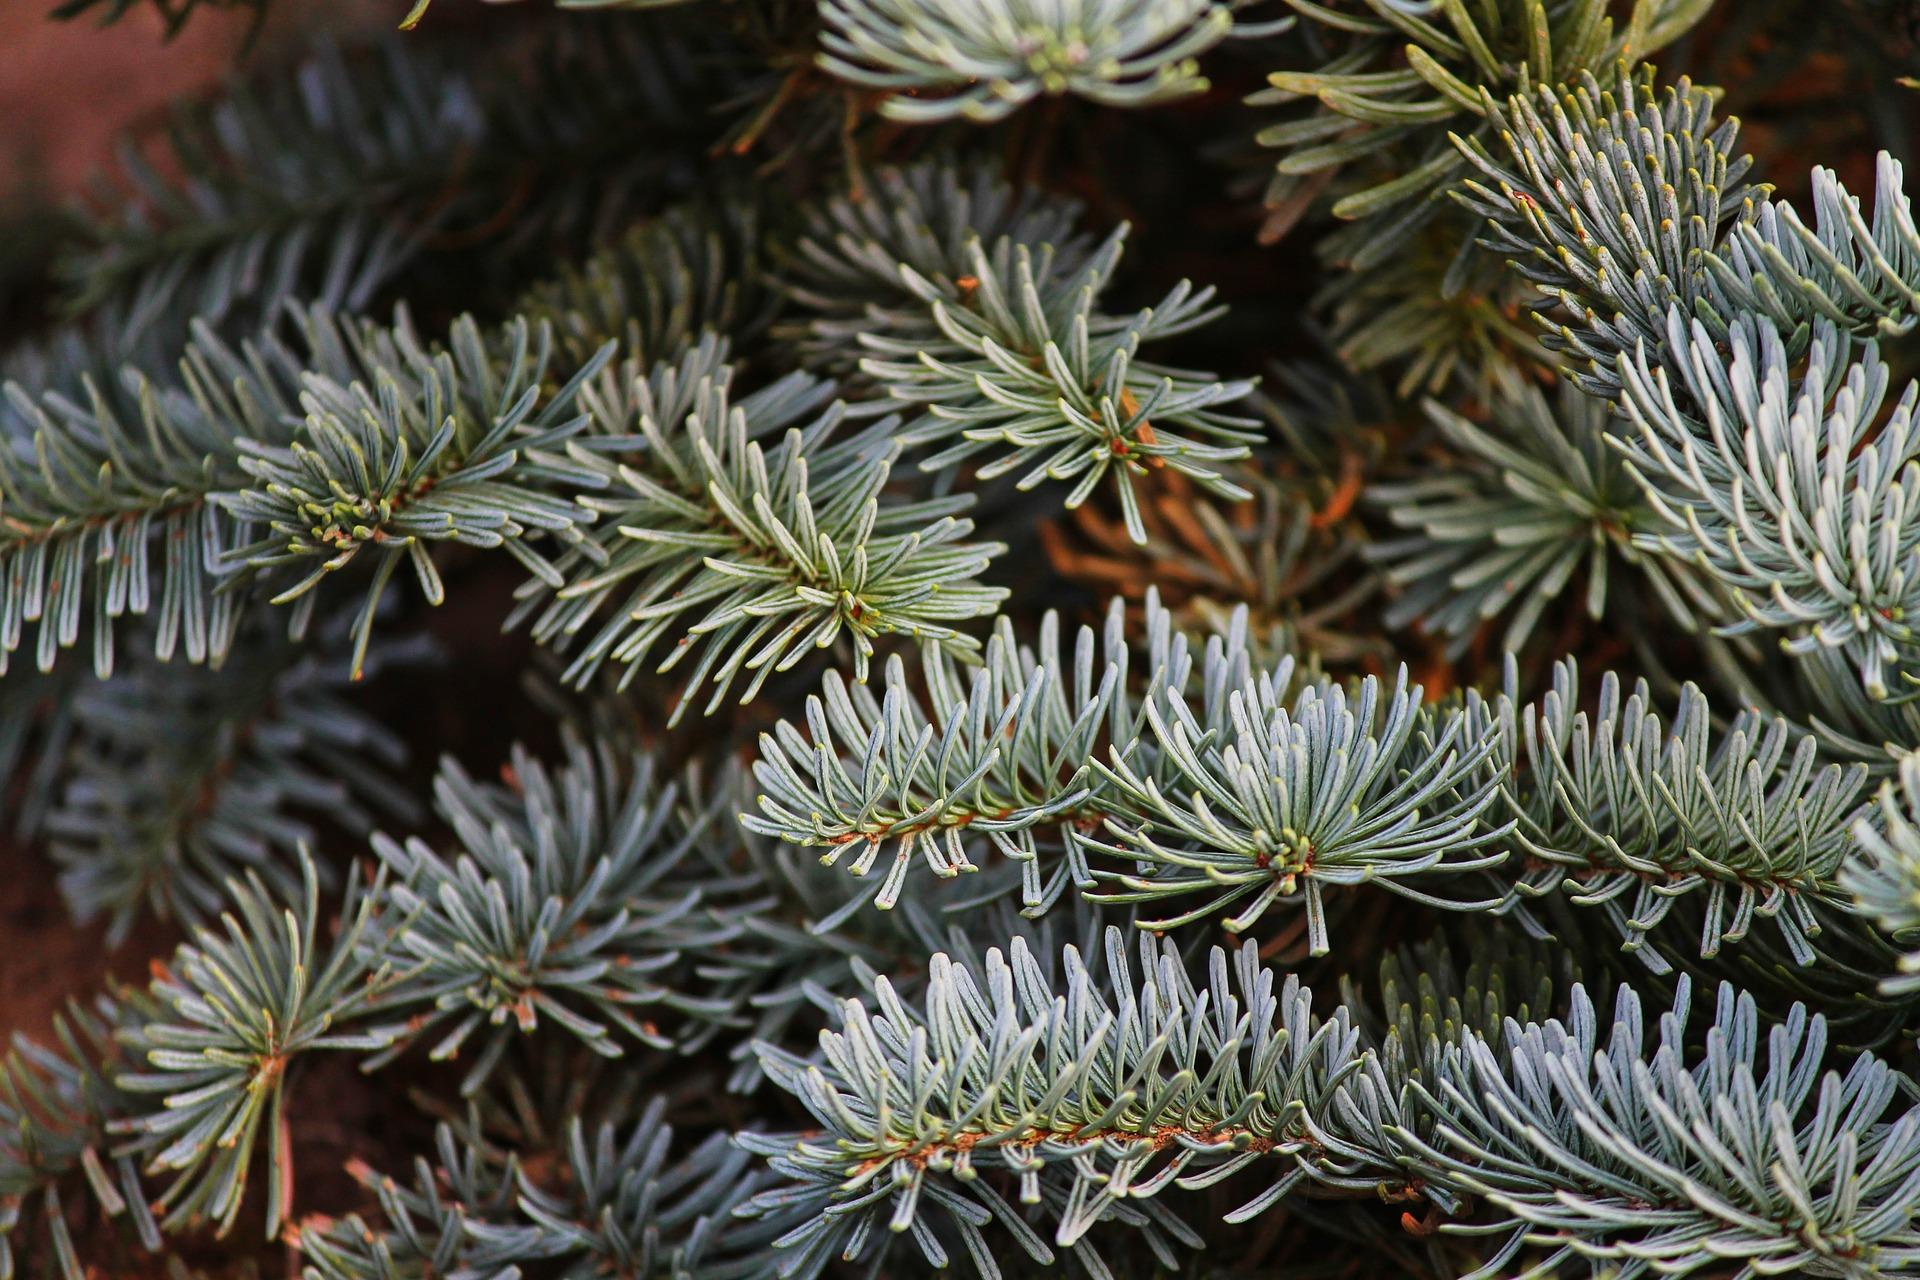 Baumarkt Tannenbaum.Der Bauspezi Weihnachtsbaum Ratgeber Bauspezi Baumarkt Bad Tabarz